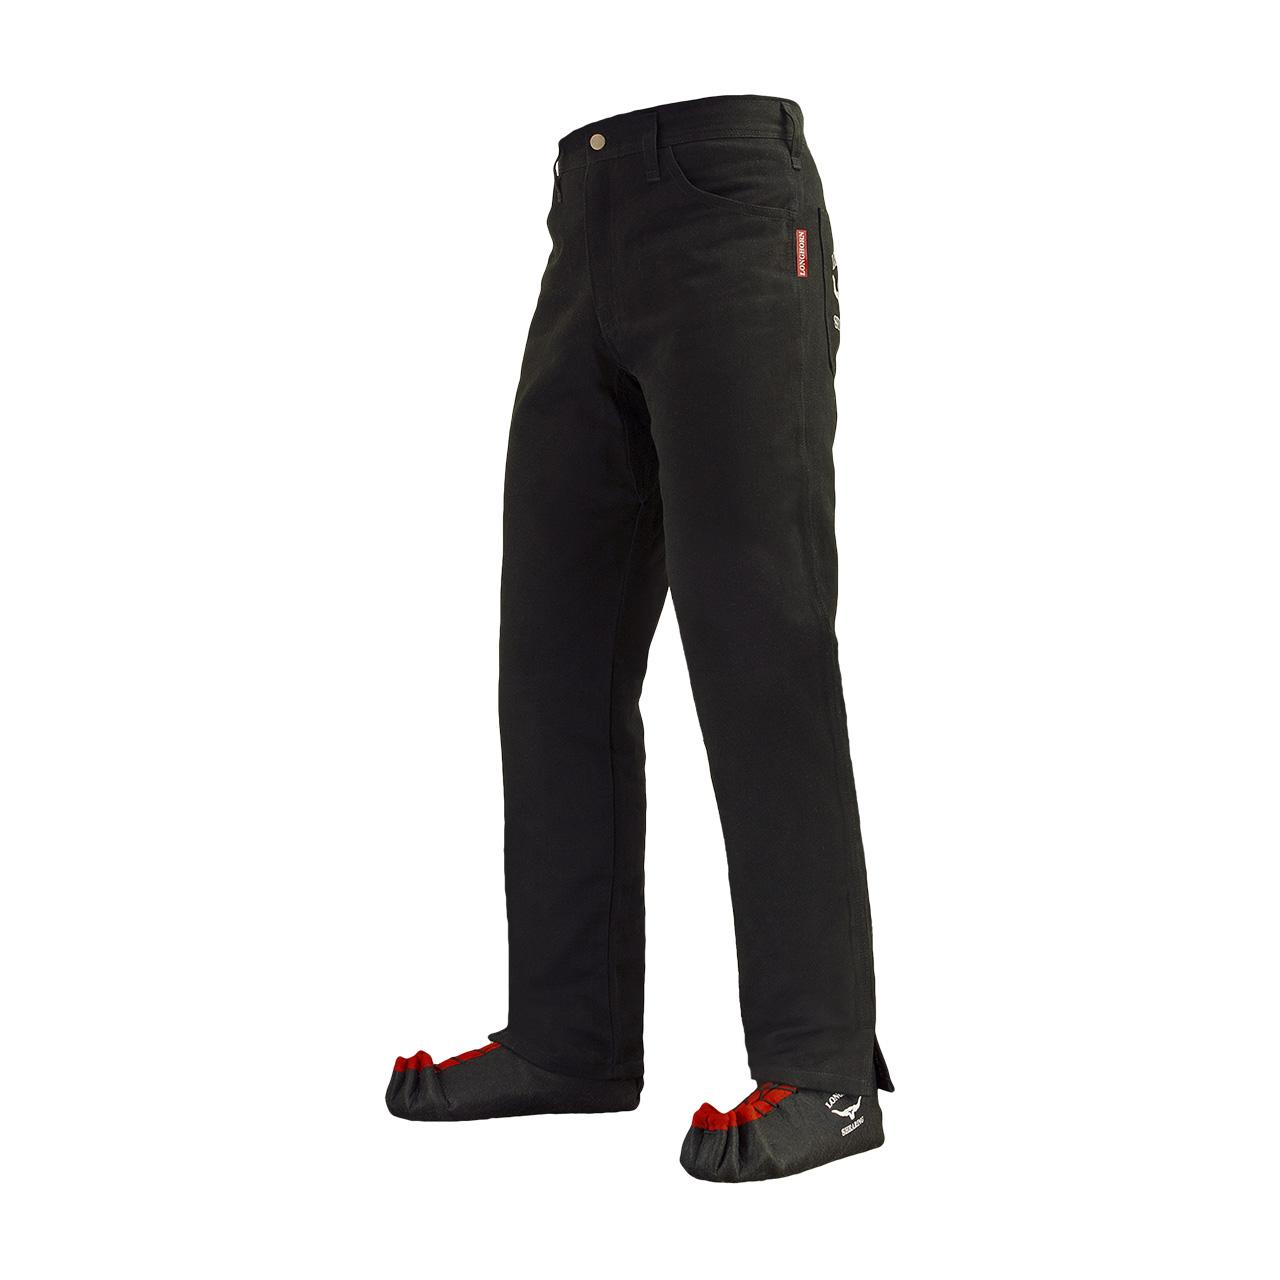 Longhorn™ kalhoty pro střihače ovcí s 2 předními kapsami